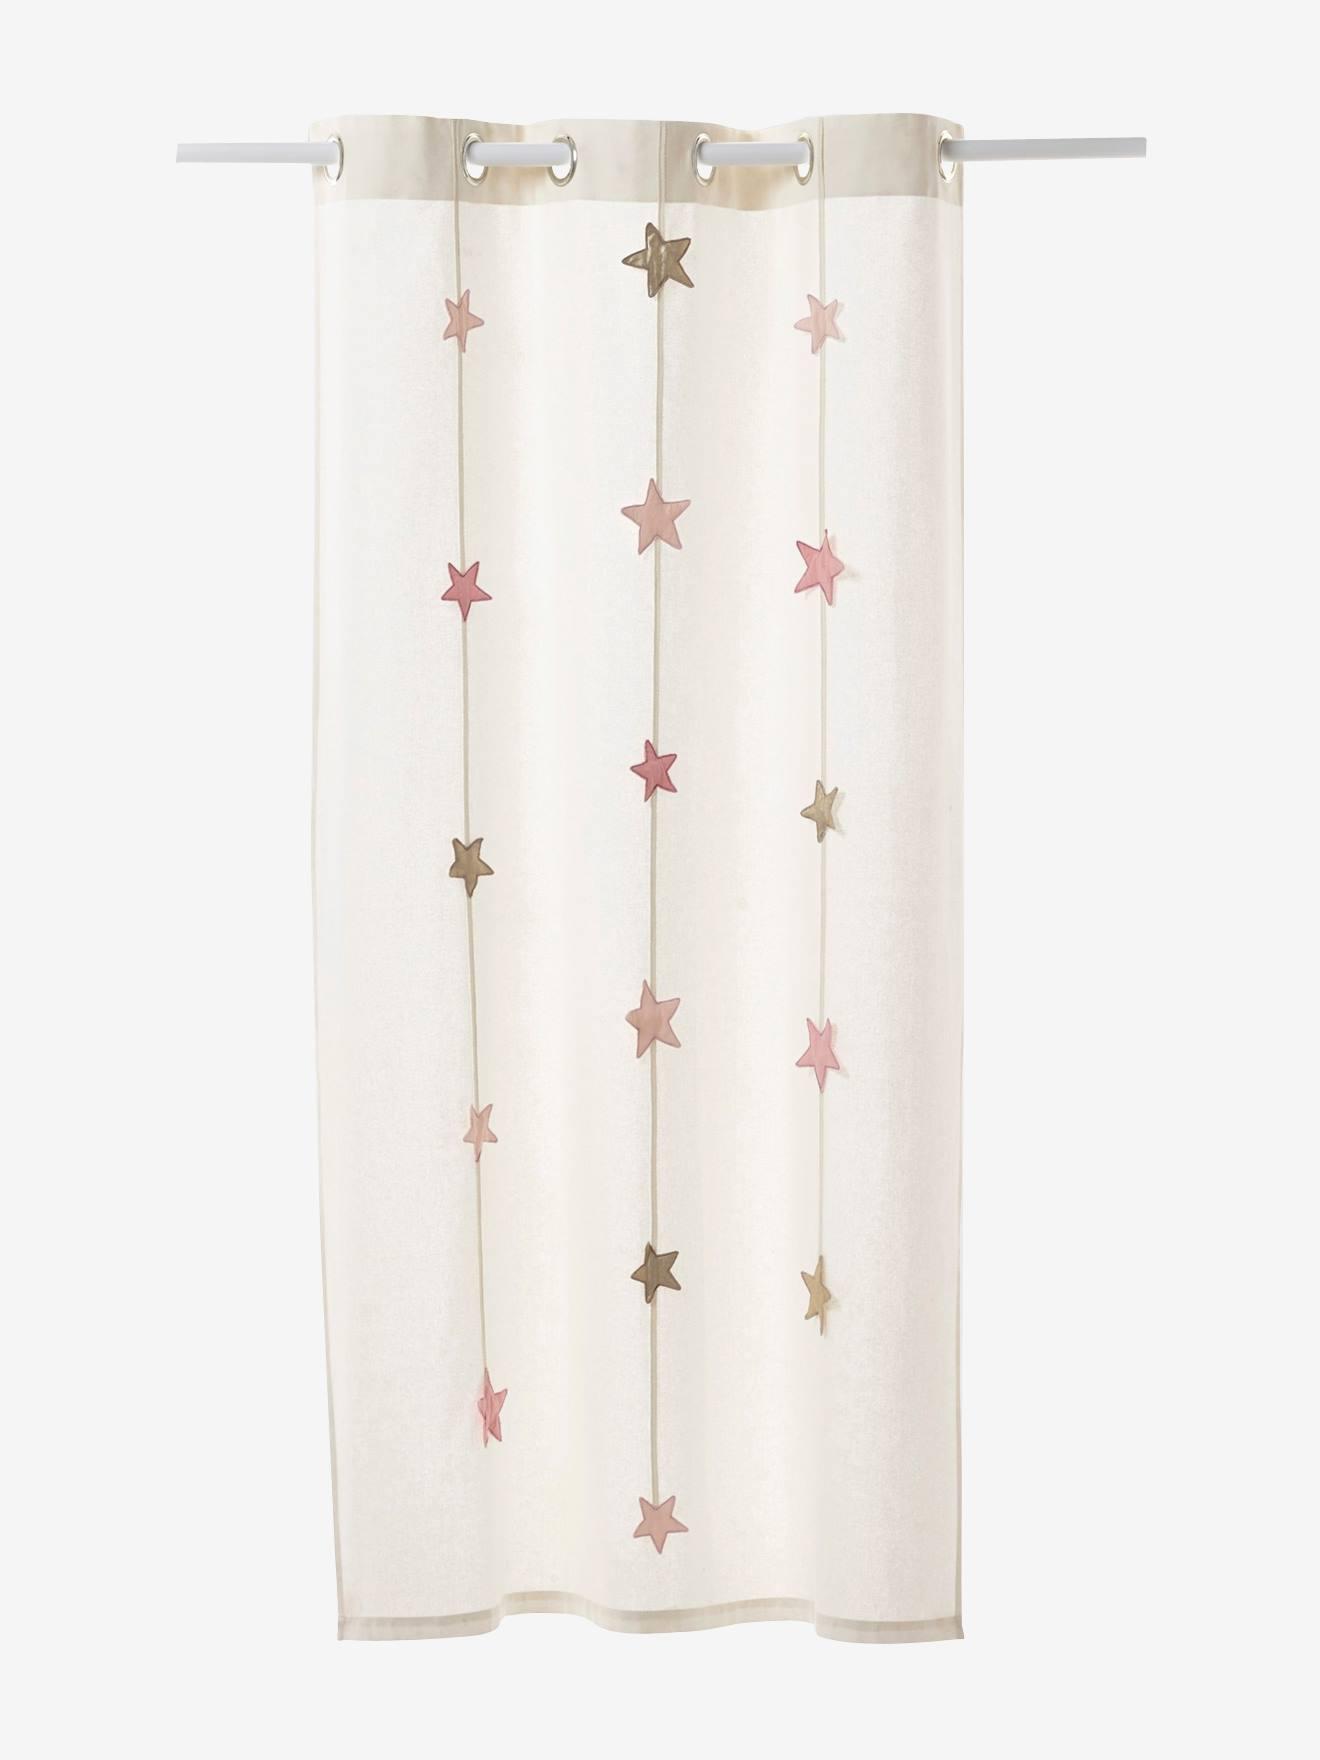 Vorhang sterne kinderzimmer  Vertbaudet Vorhang mit Sternen-Girlande in wollweiß